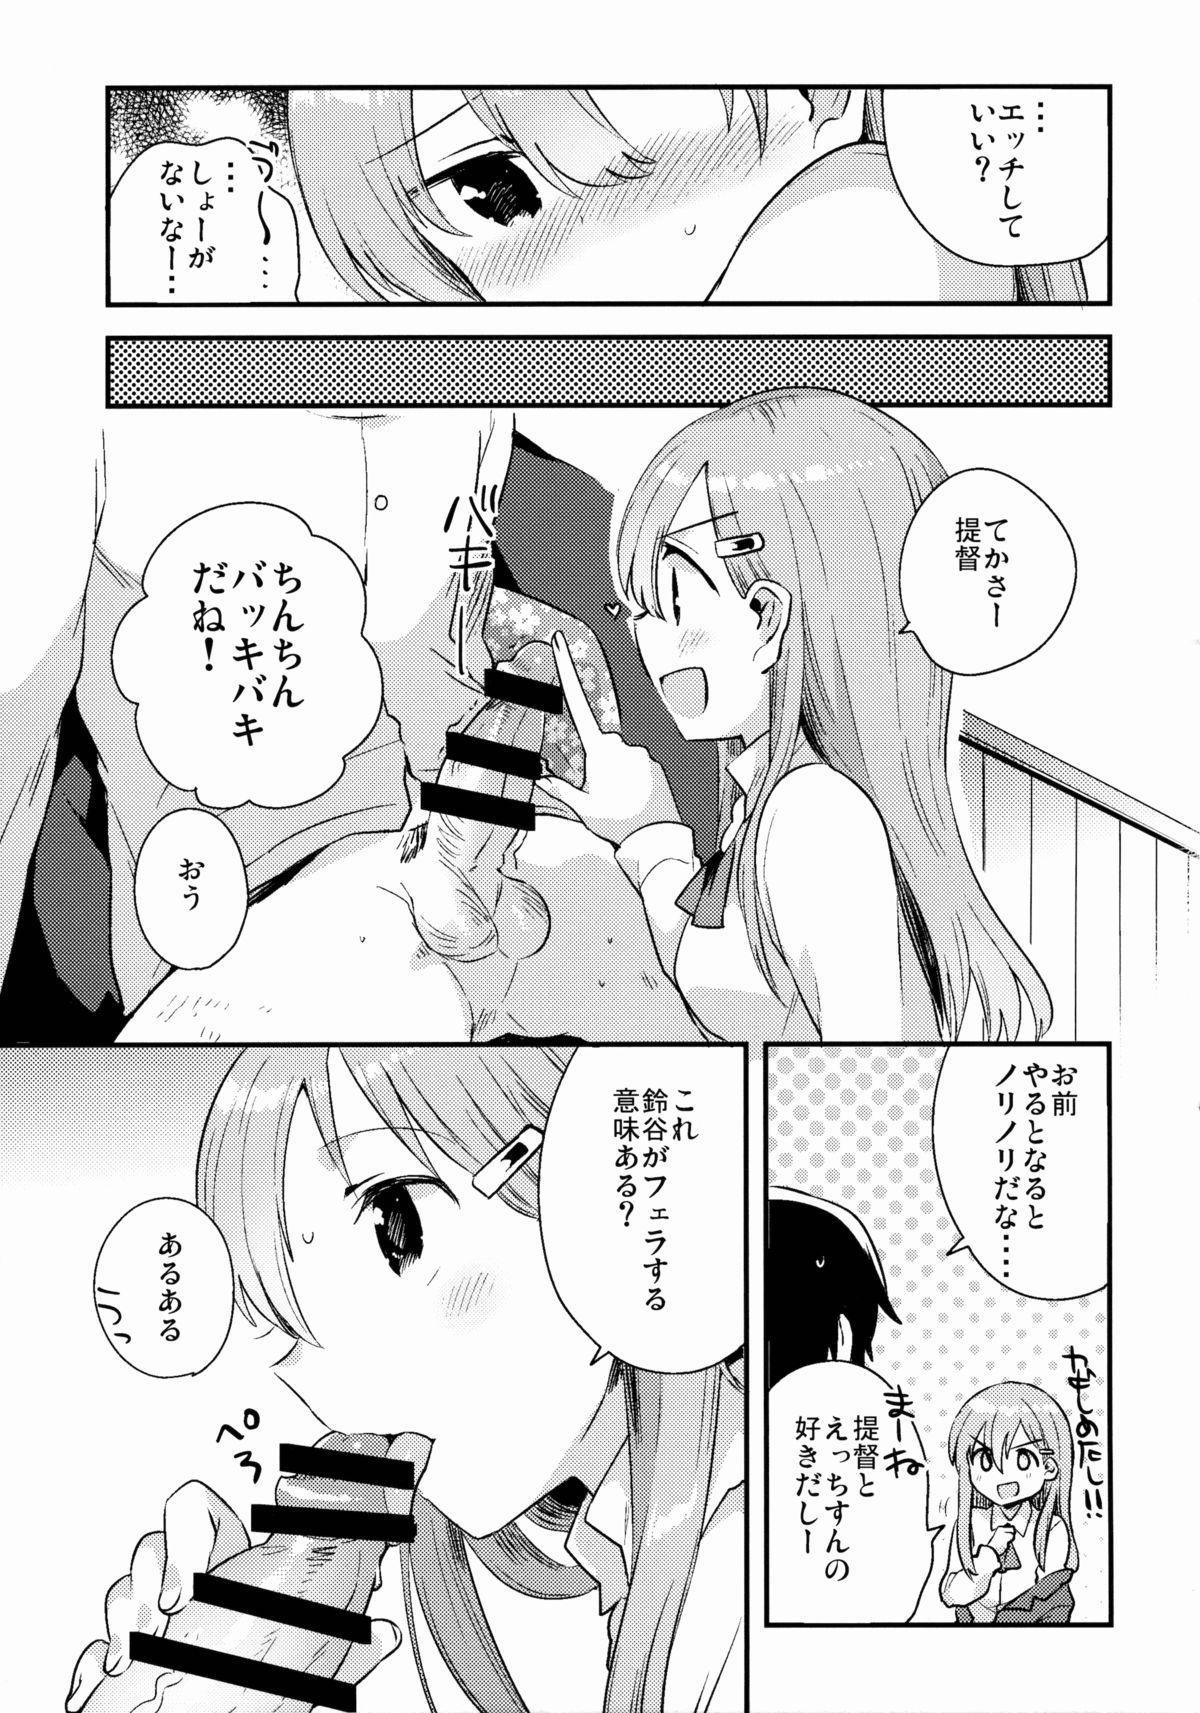 Teitoku, Suzuya to Tsukiawanai? 7